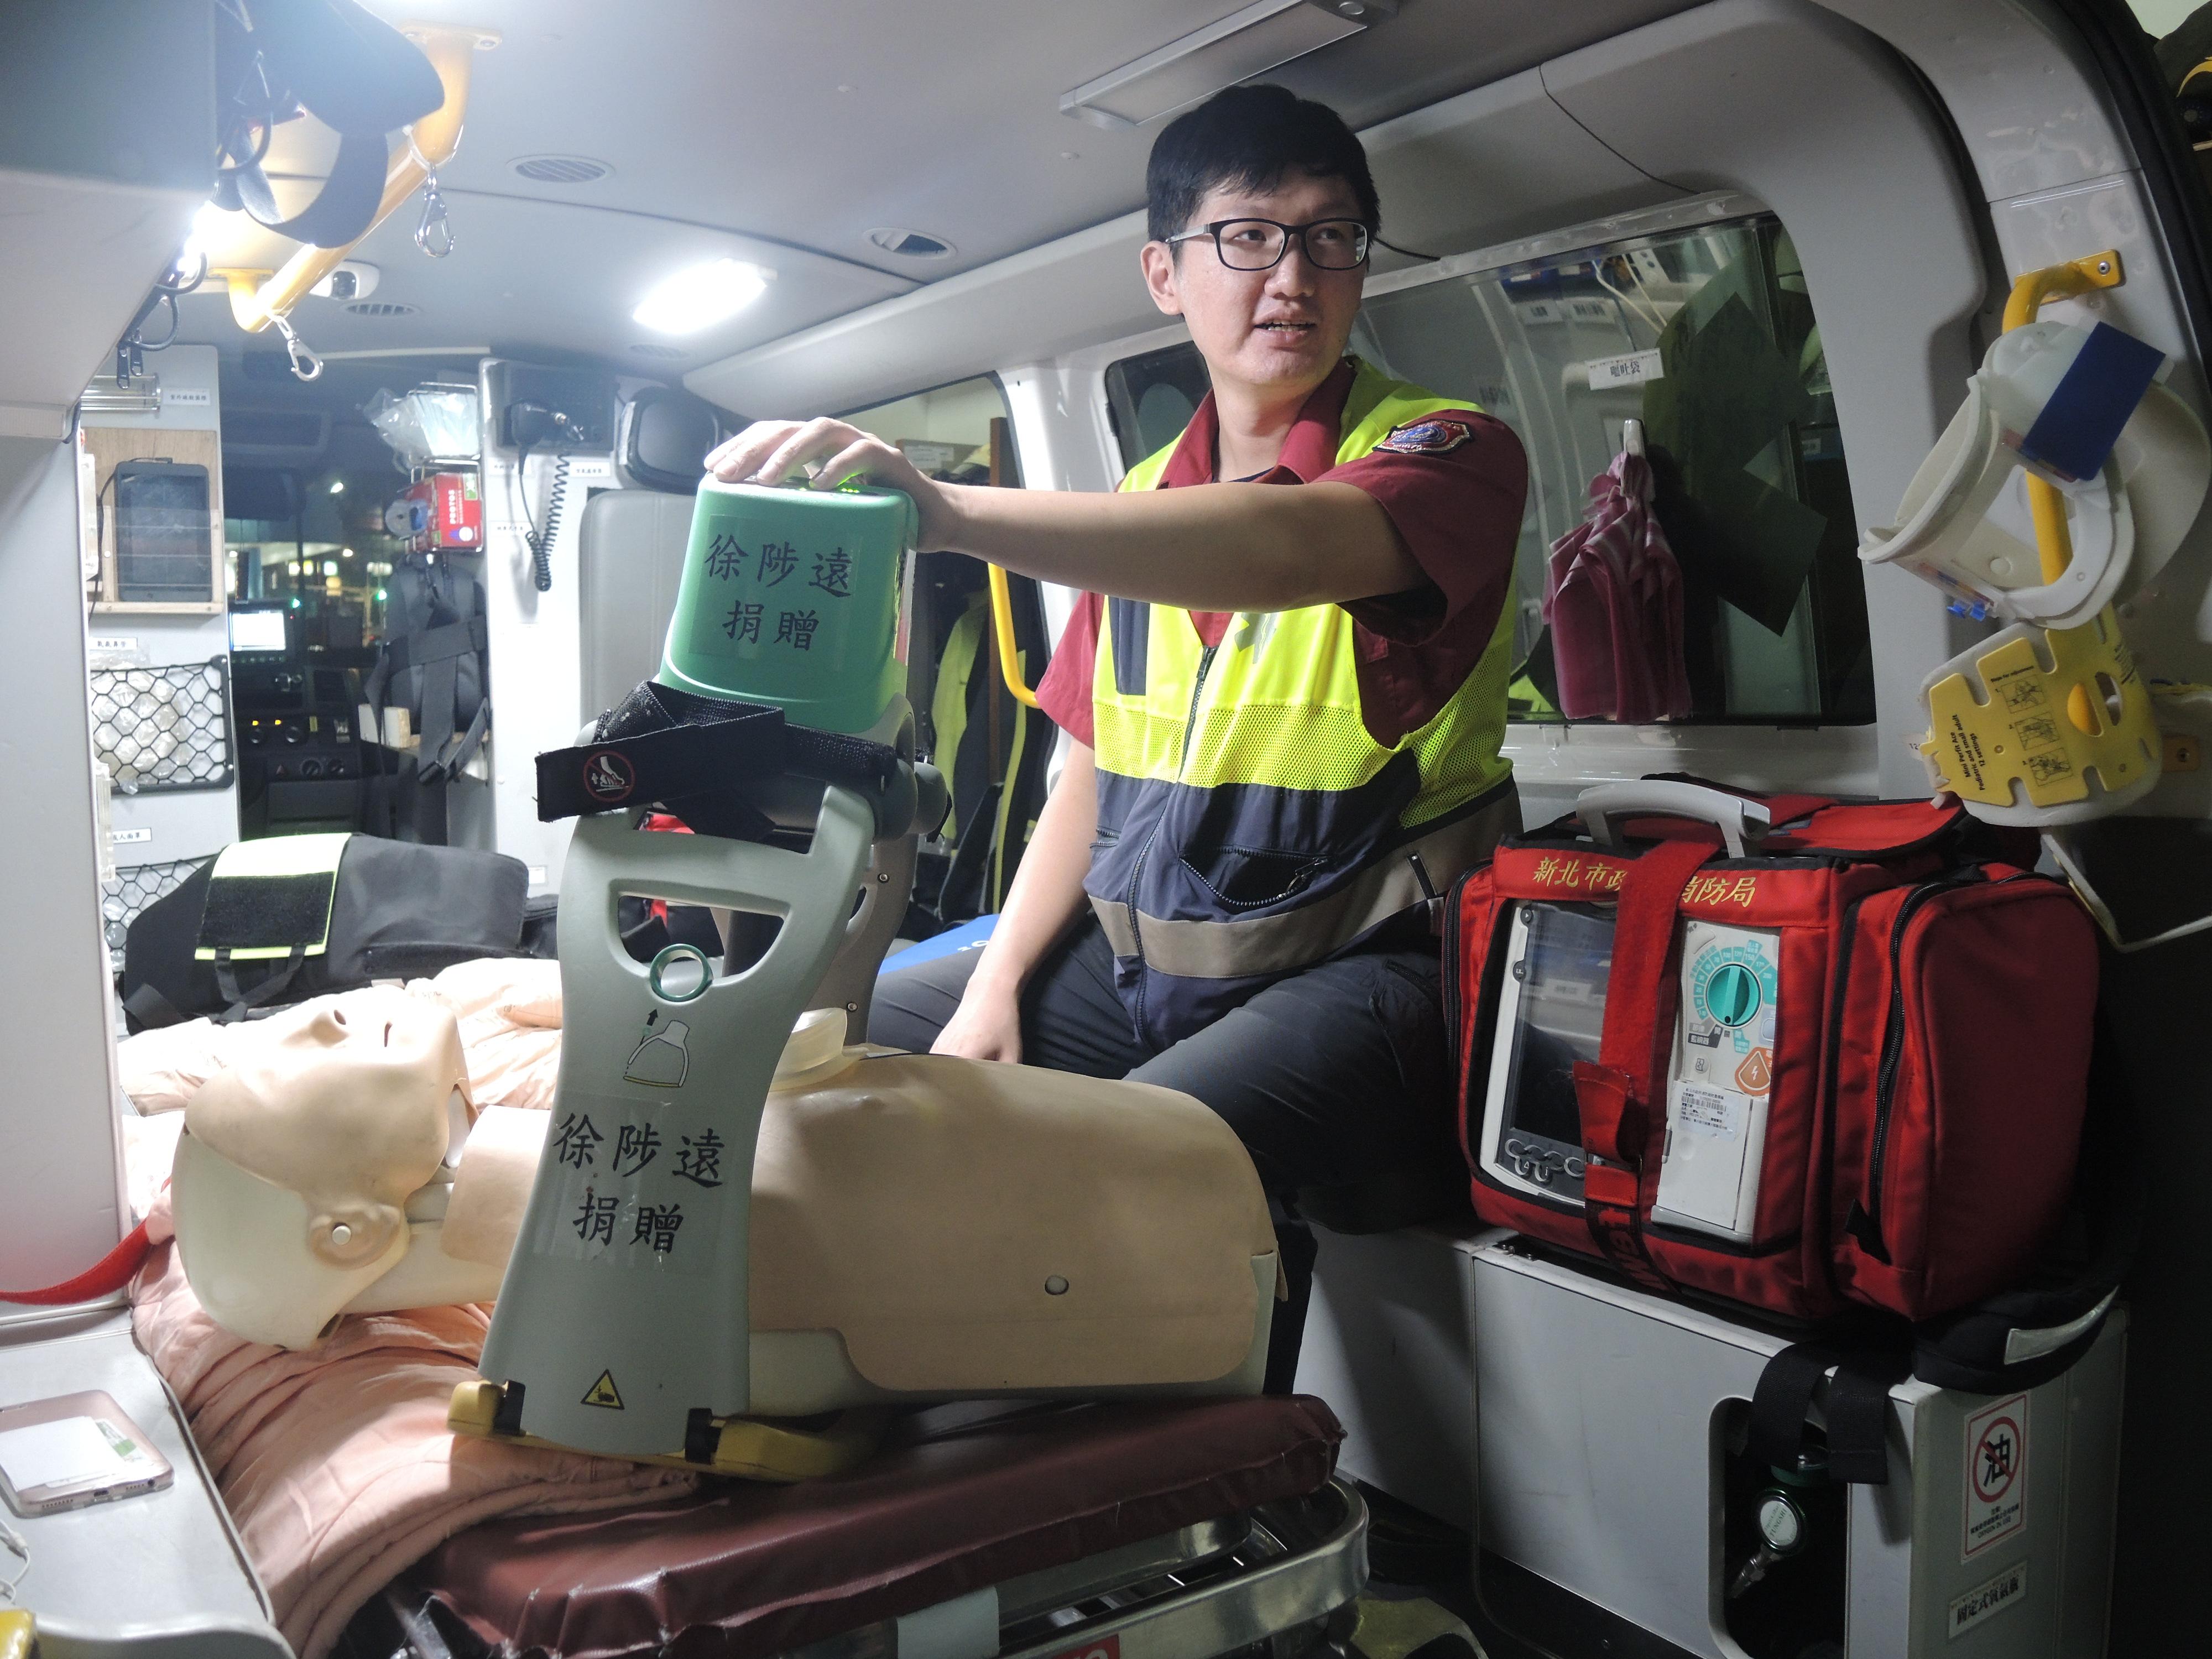 病人還未送達院前,CPR 是最關鍵的緊急措施。攝影/祝敏婷